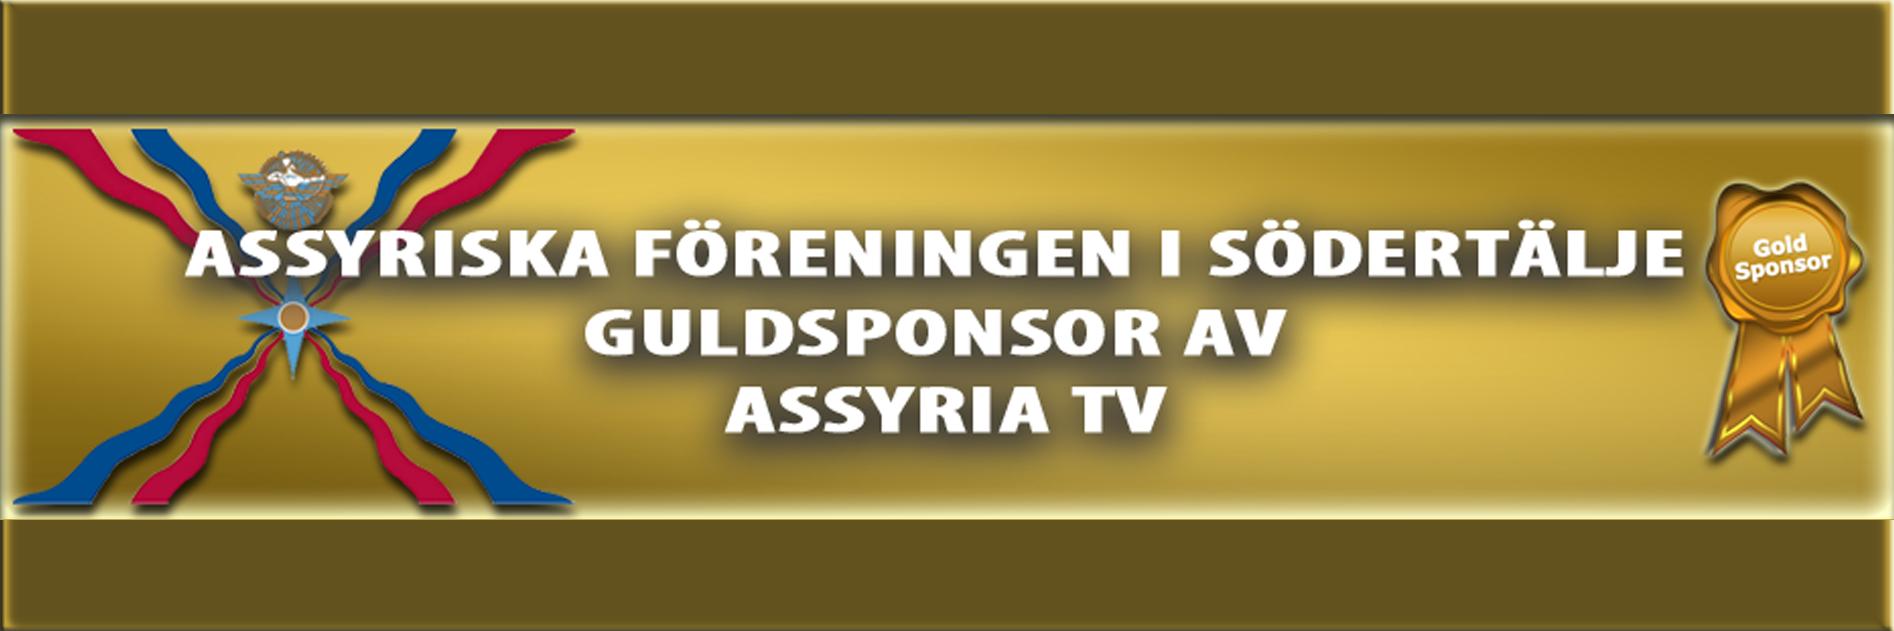 Assyriska Föreningen i Södertälje